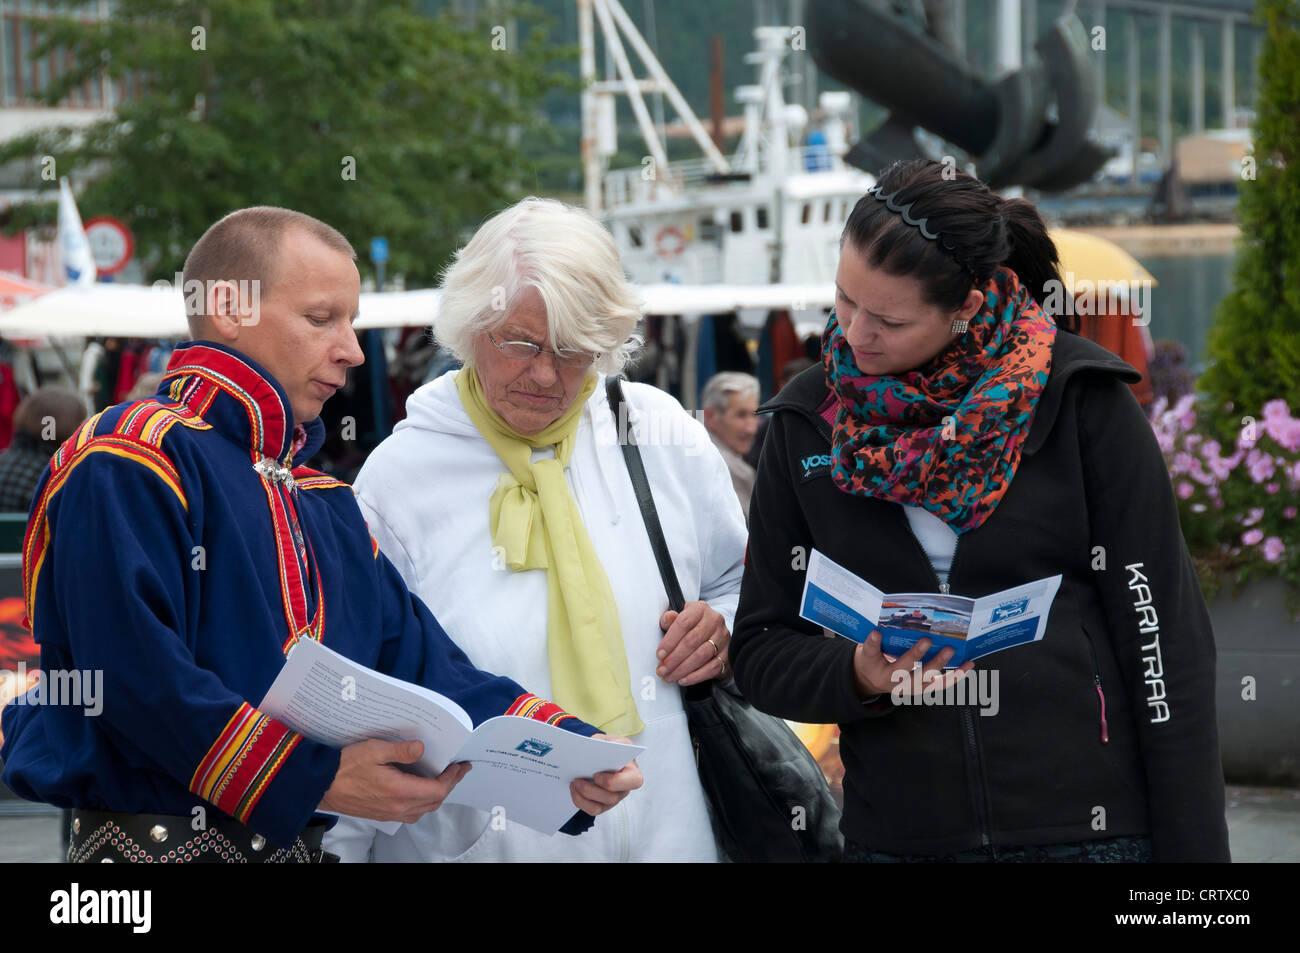 Un Sami dalla regione di spiegare il suo popolo e la sua causa a due donne da Tromso'. Immagini Stock